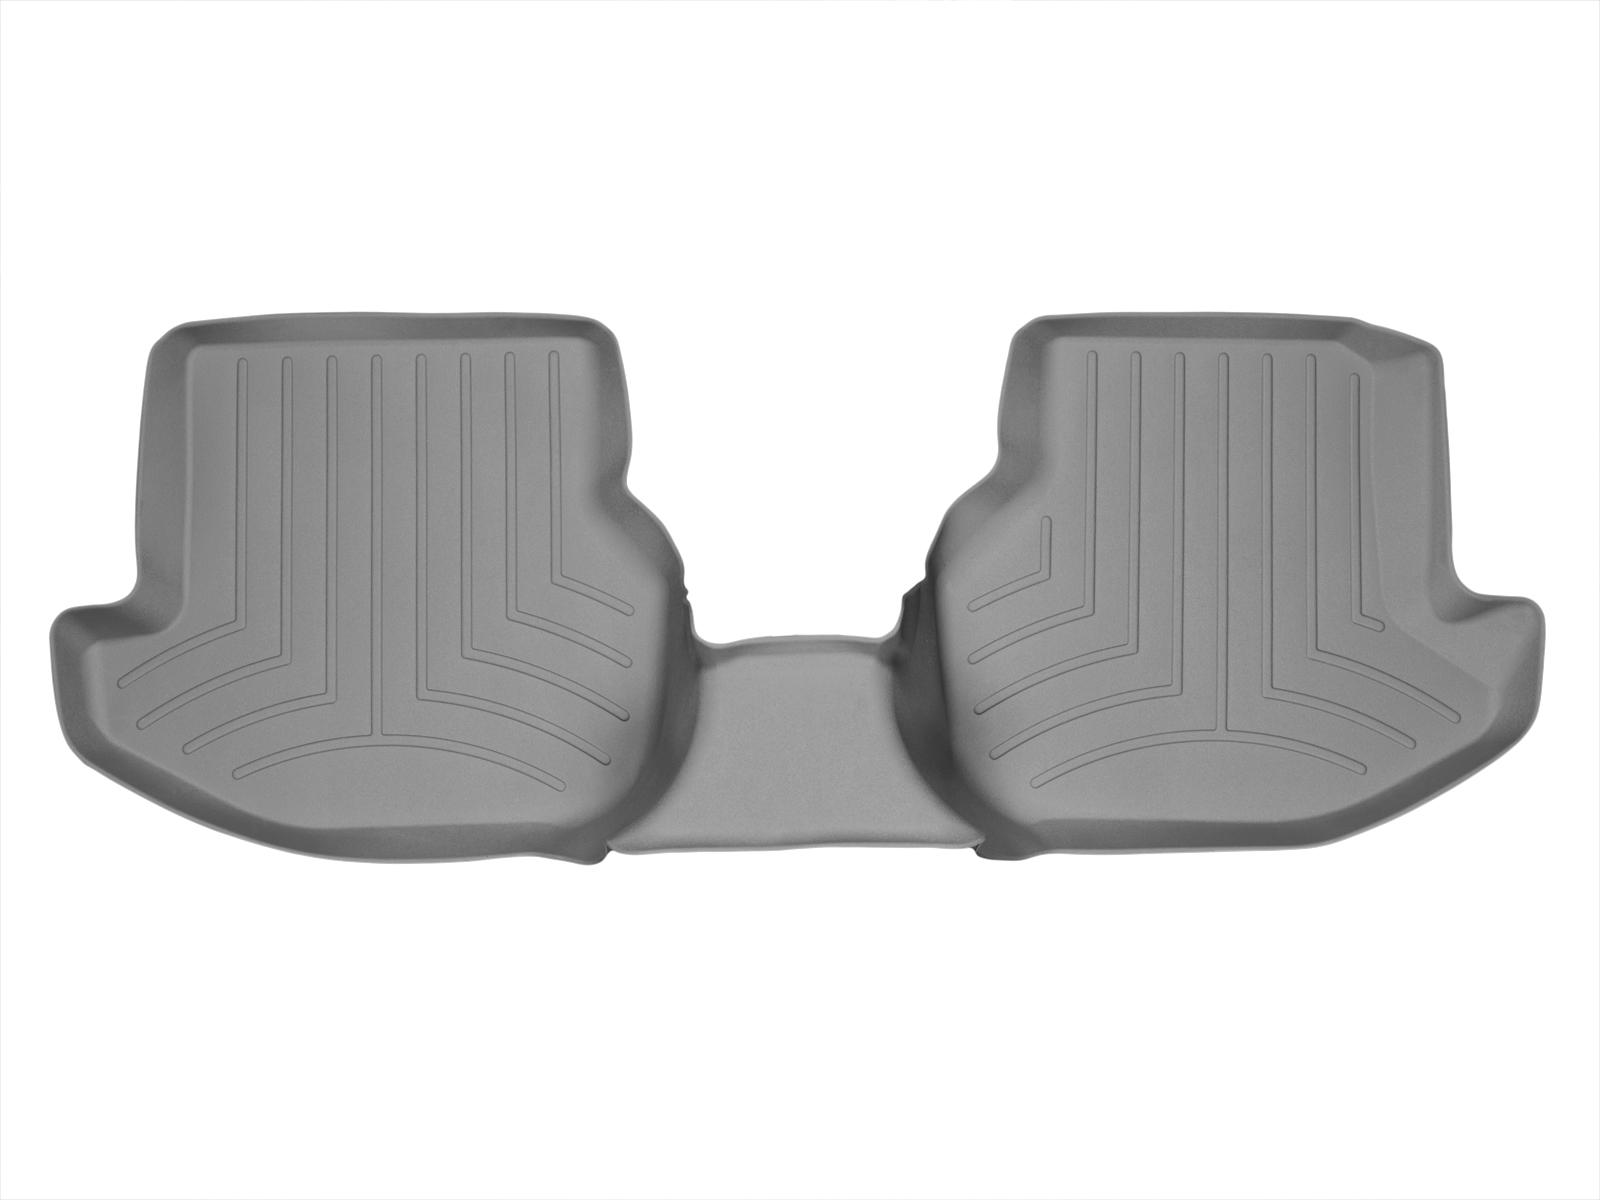 Tappeti gomma su misura bordo alto Volkswagen Eos 07>16 Grigio A4010*